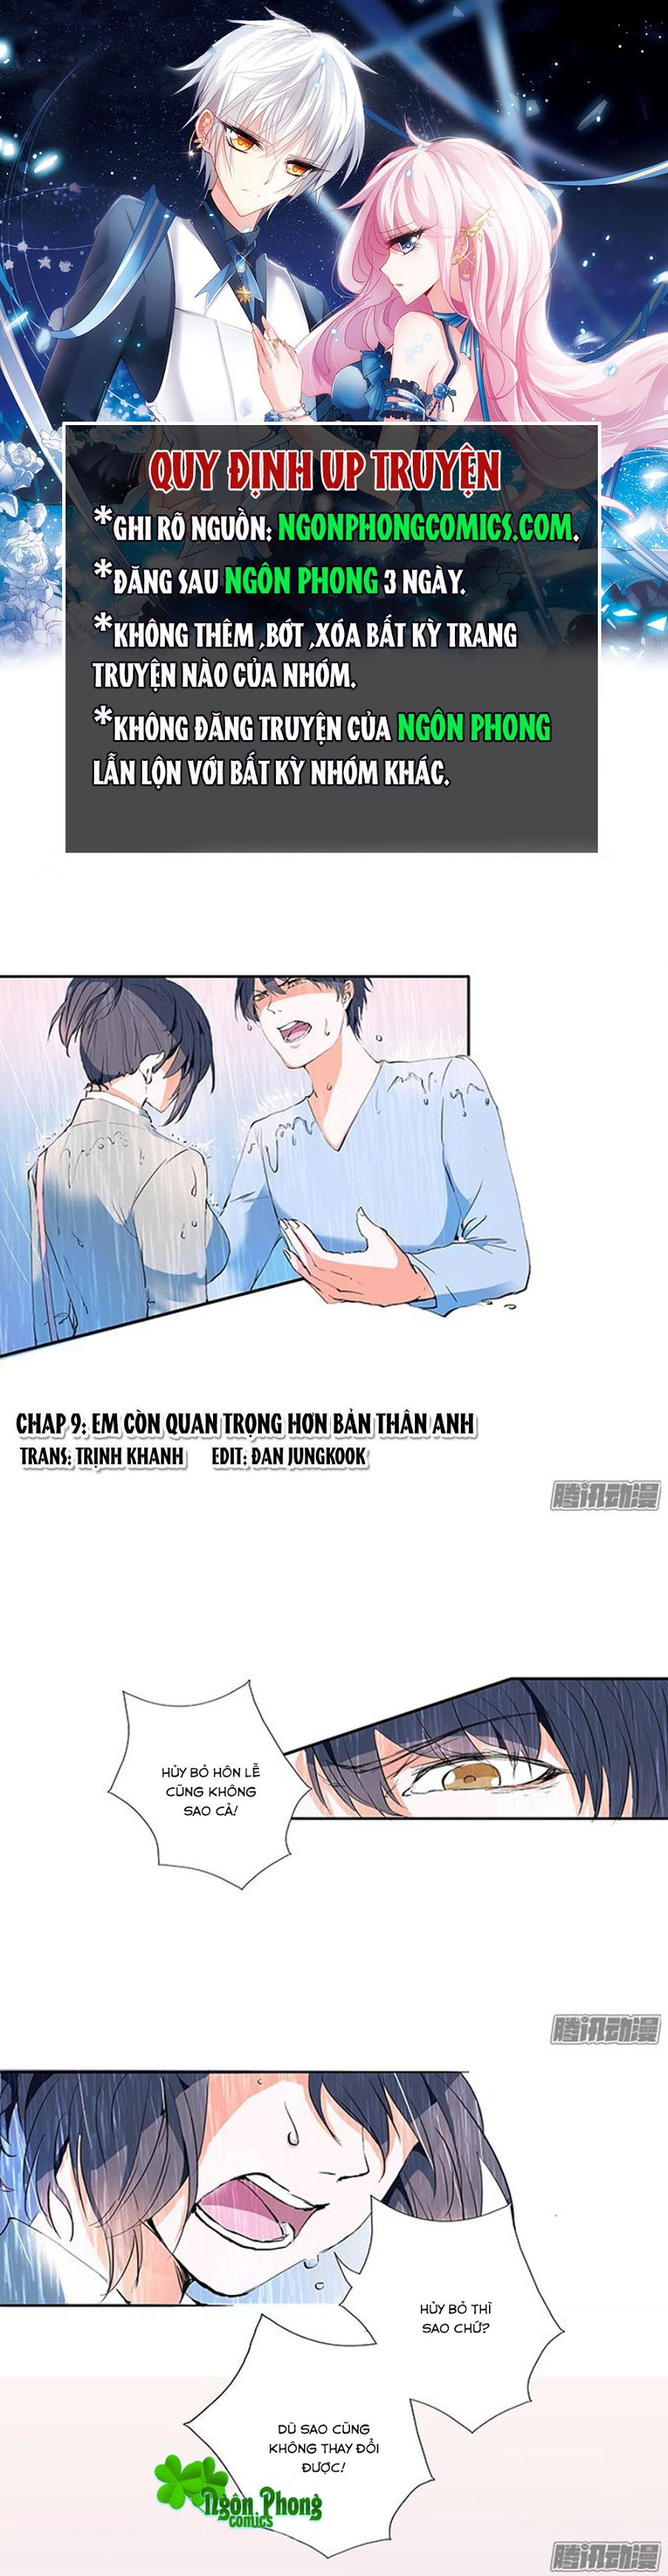 Thiên Kim Đường Môn_Chap 9